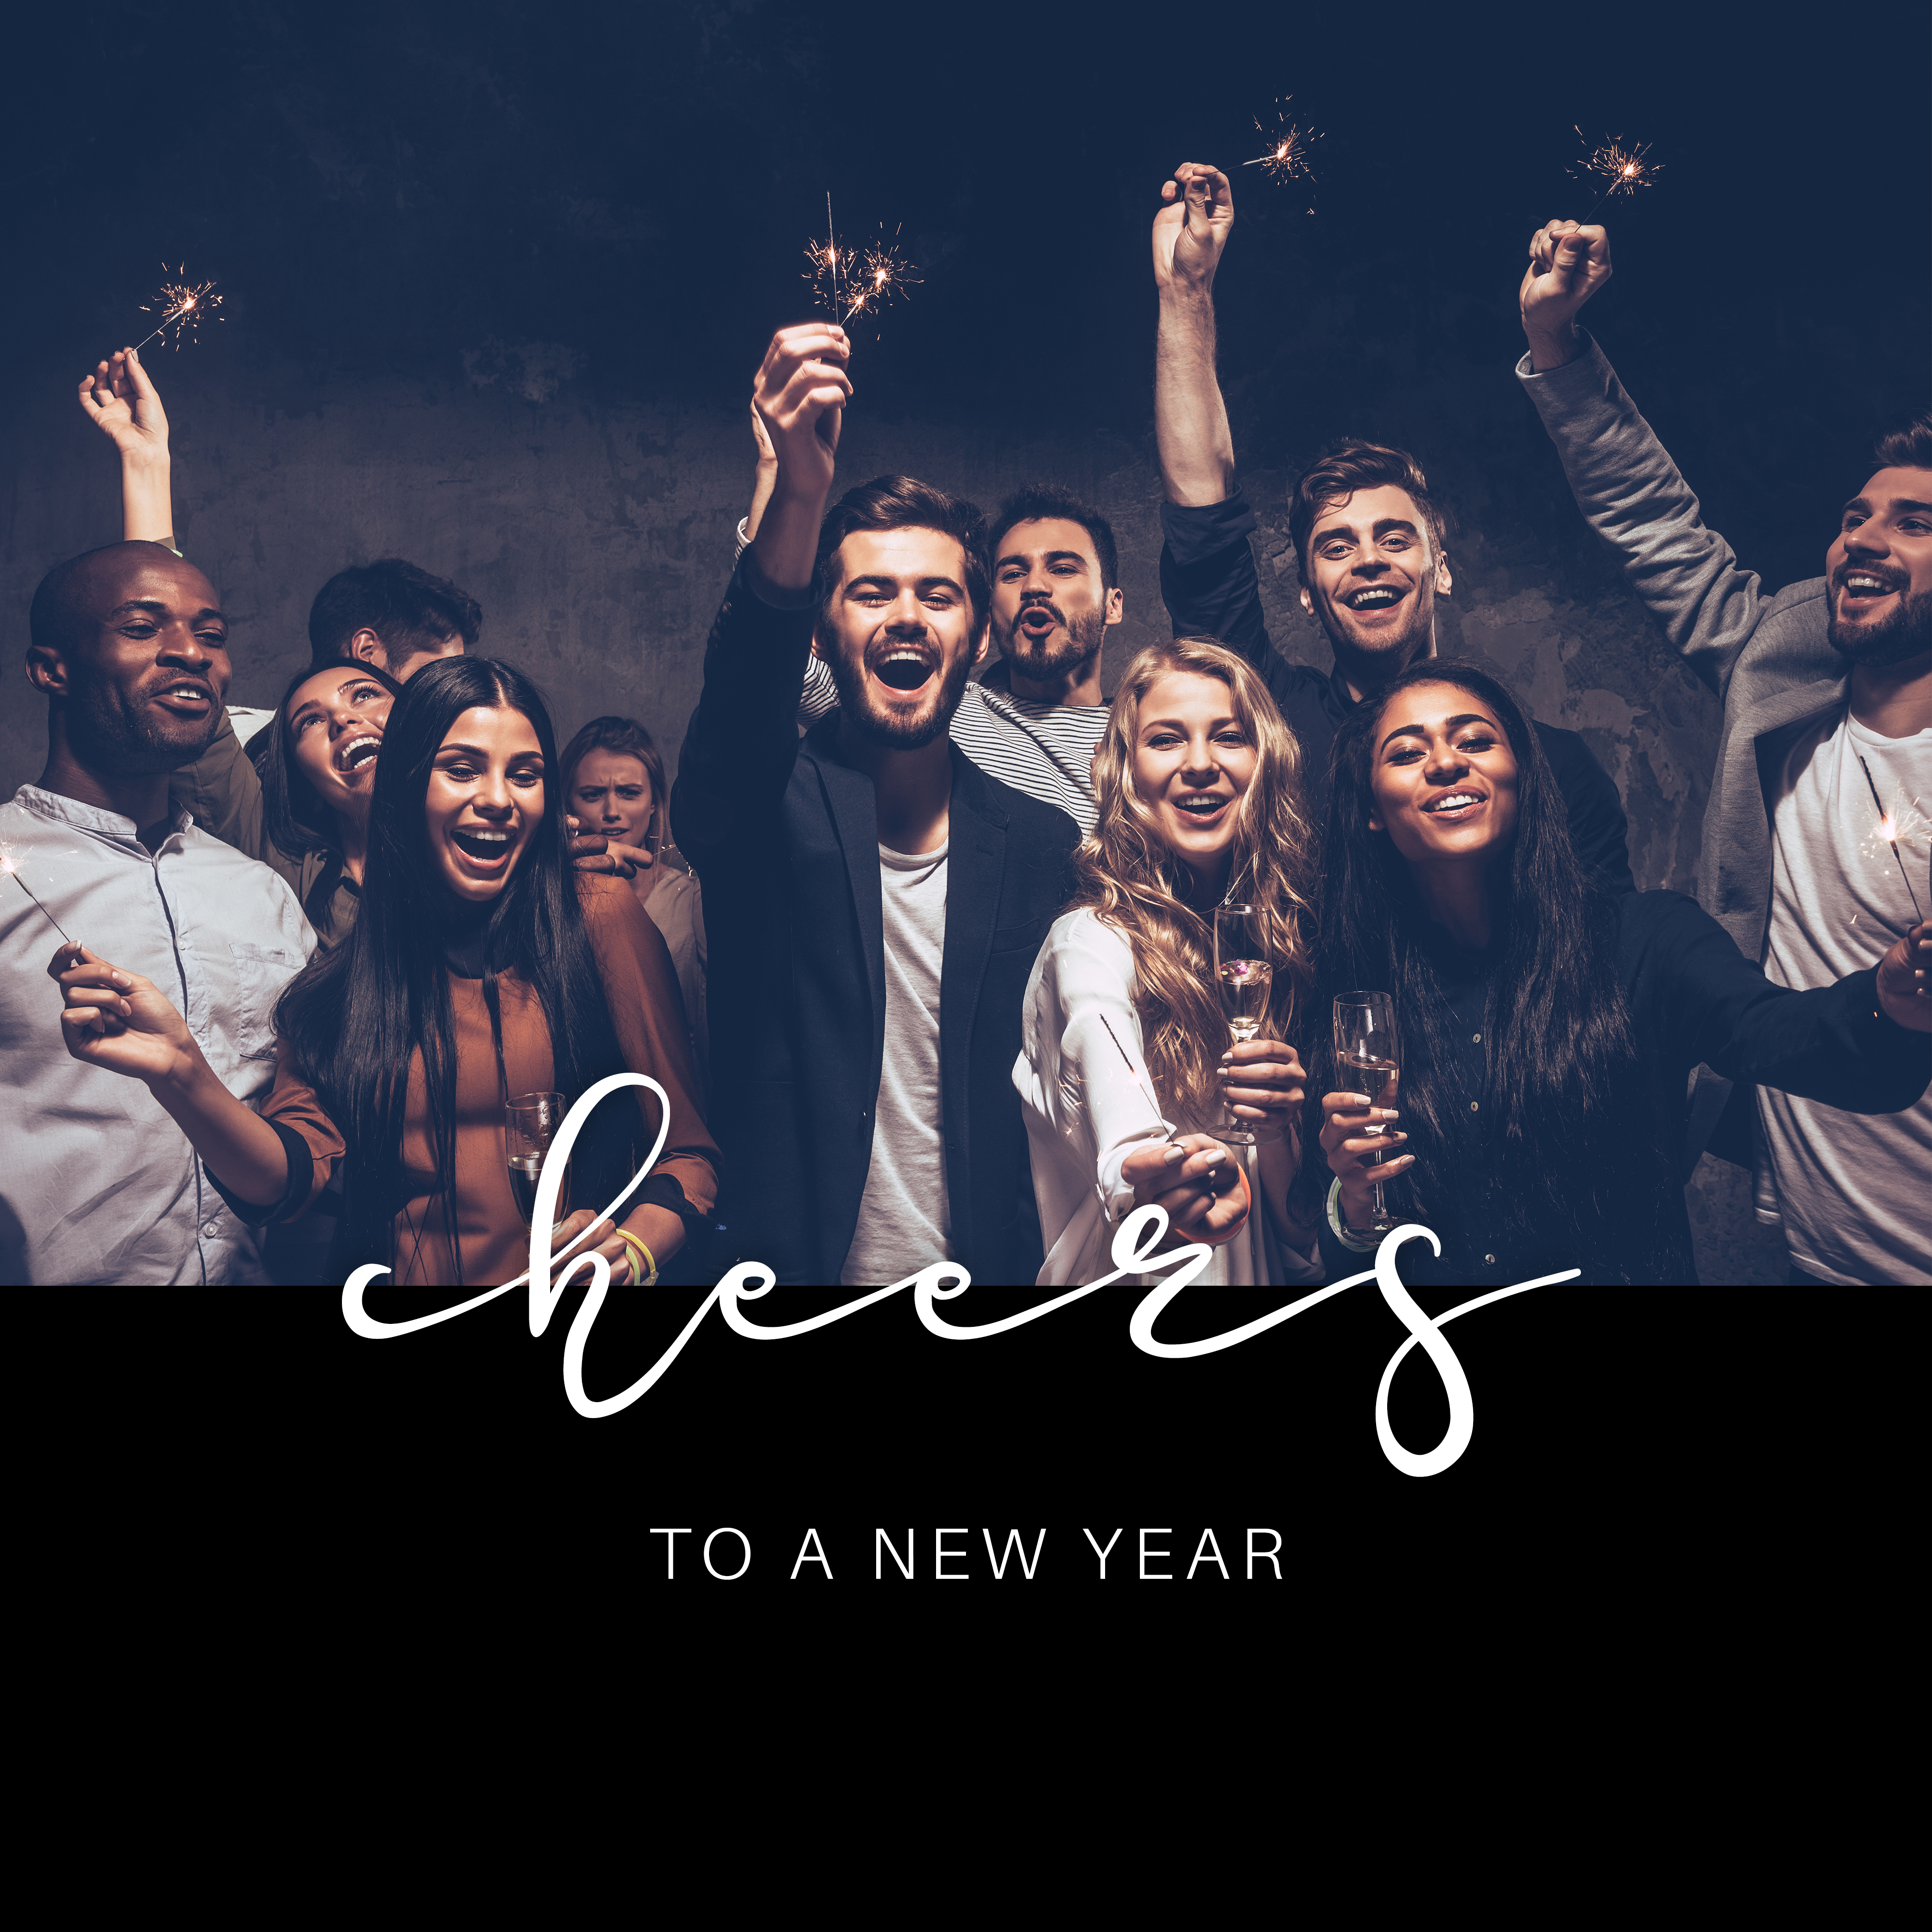 Modèle de carte de vœux nouvel an / myposter